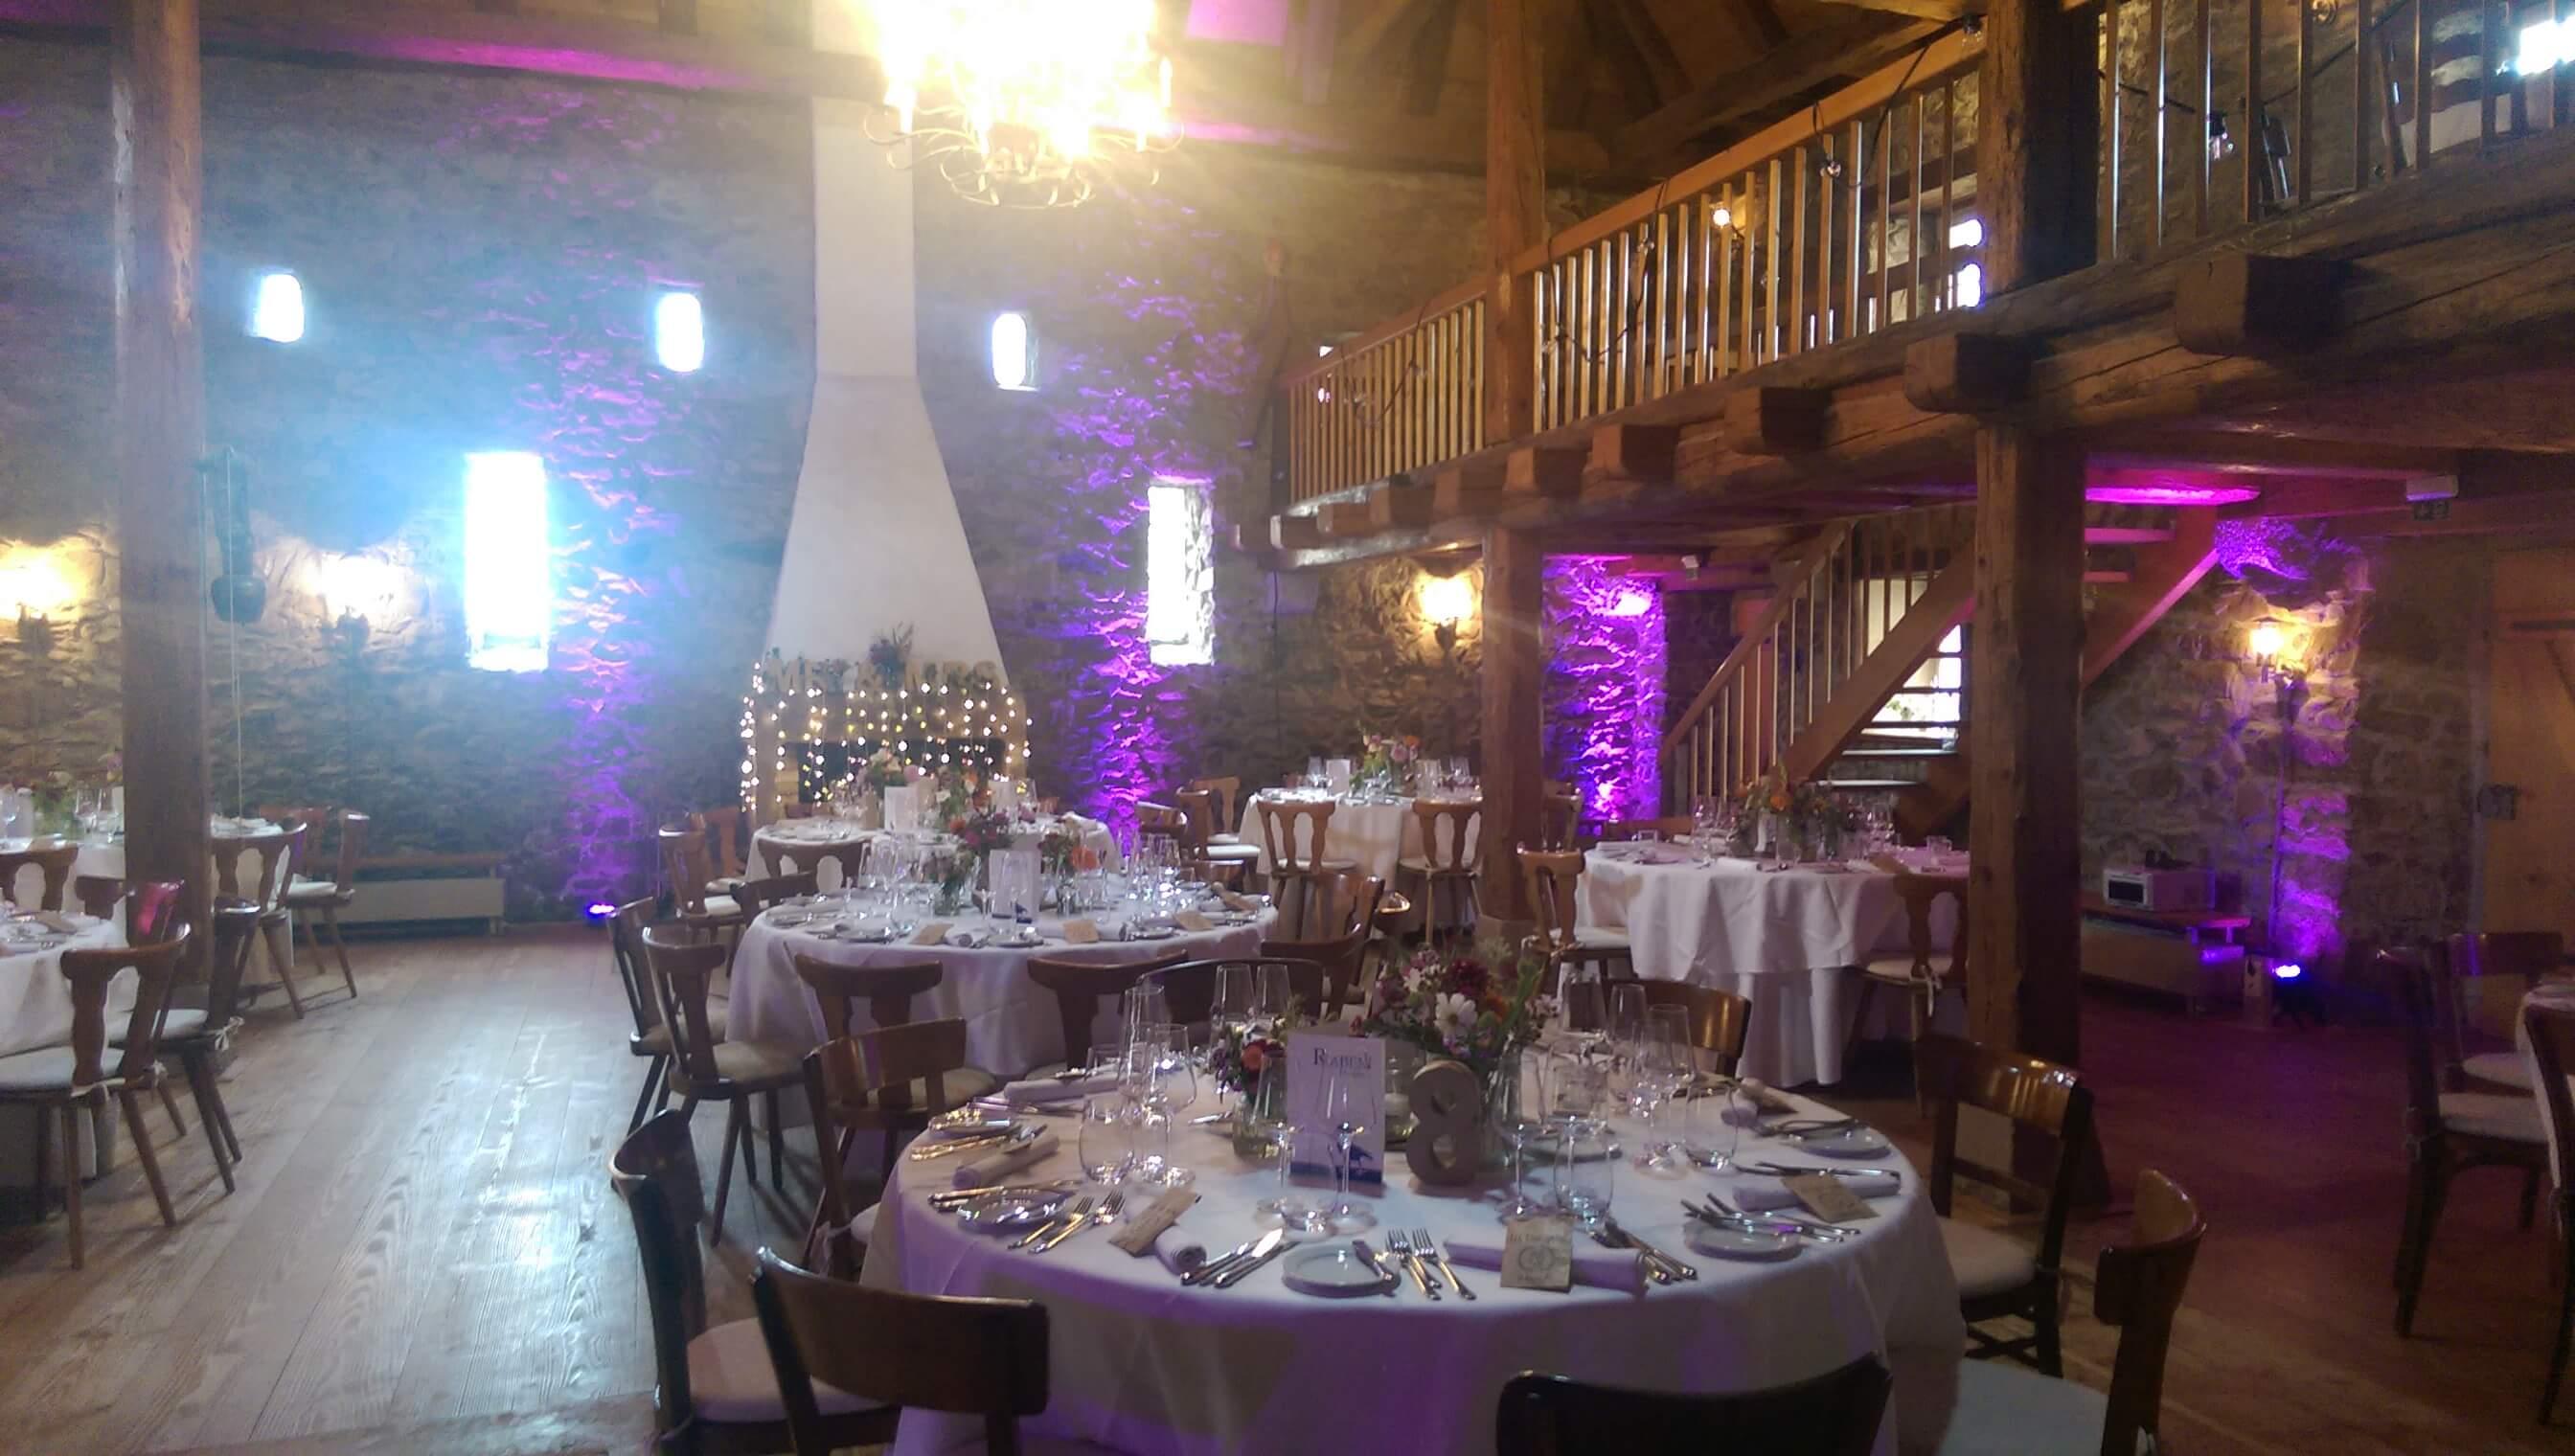 DJ Hochzeit - Ausgeleuchteter und dekorierter Raum bei einer Hochzeit